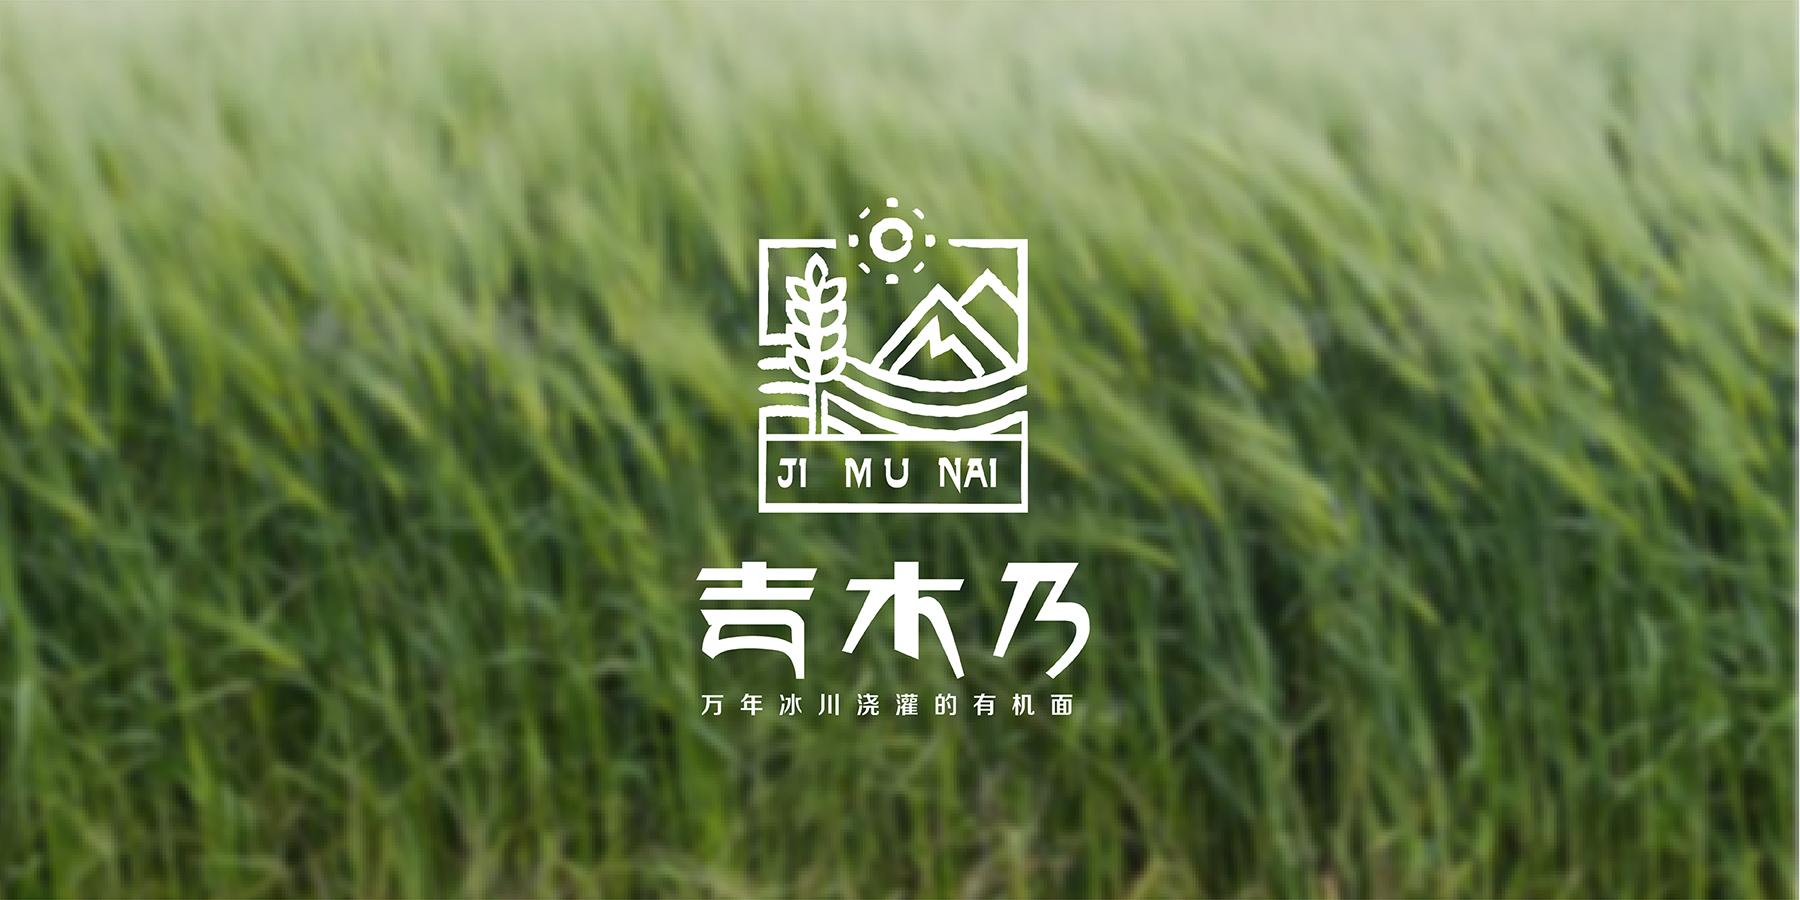 吉木乃-logo设计-VI设计-品牌设计